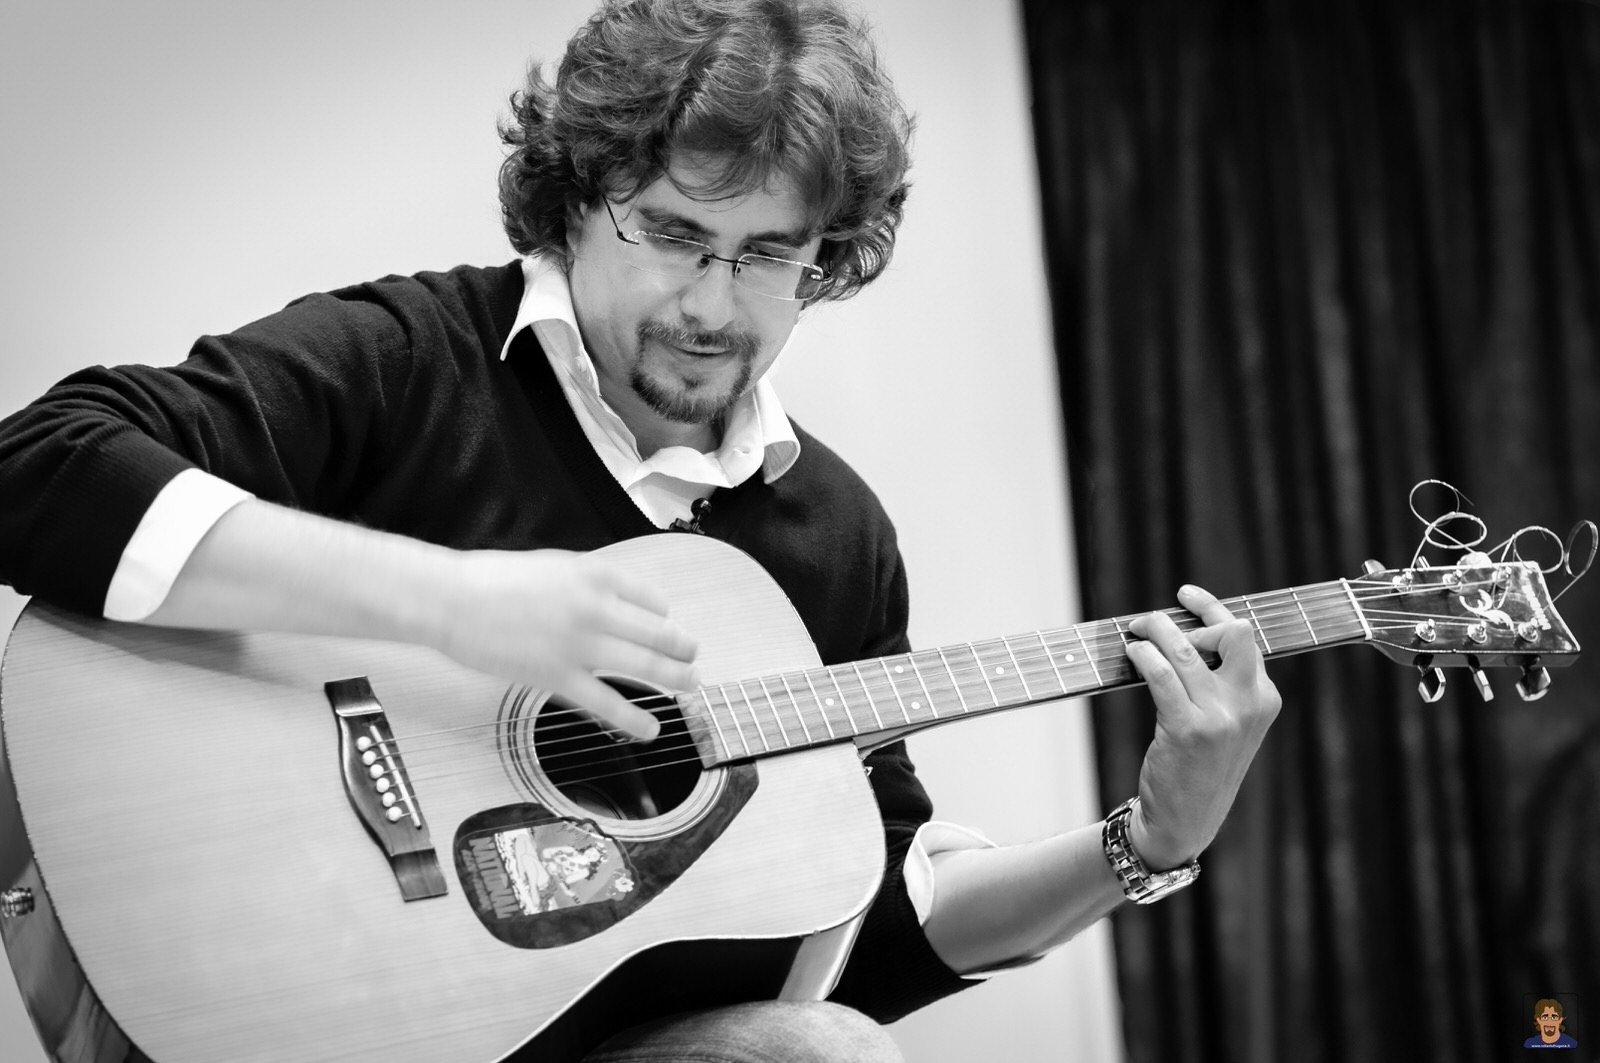 Roberto Frugone cantautore live concerto chitarra Sestri Levante